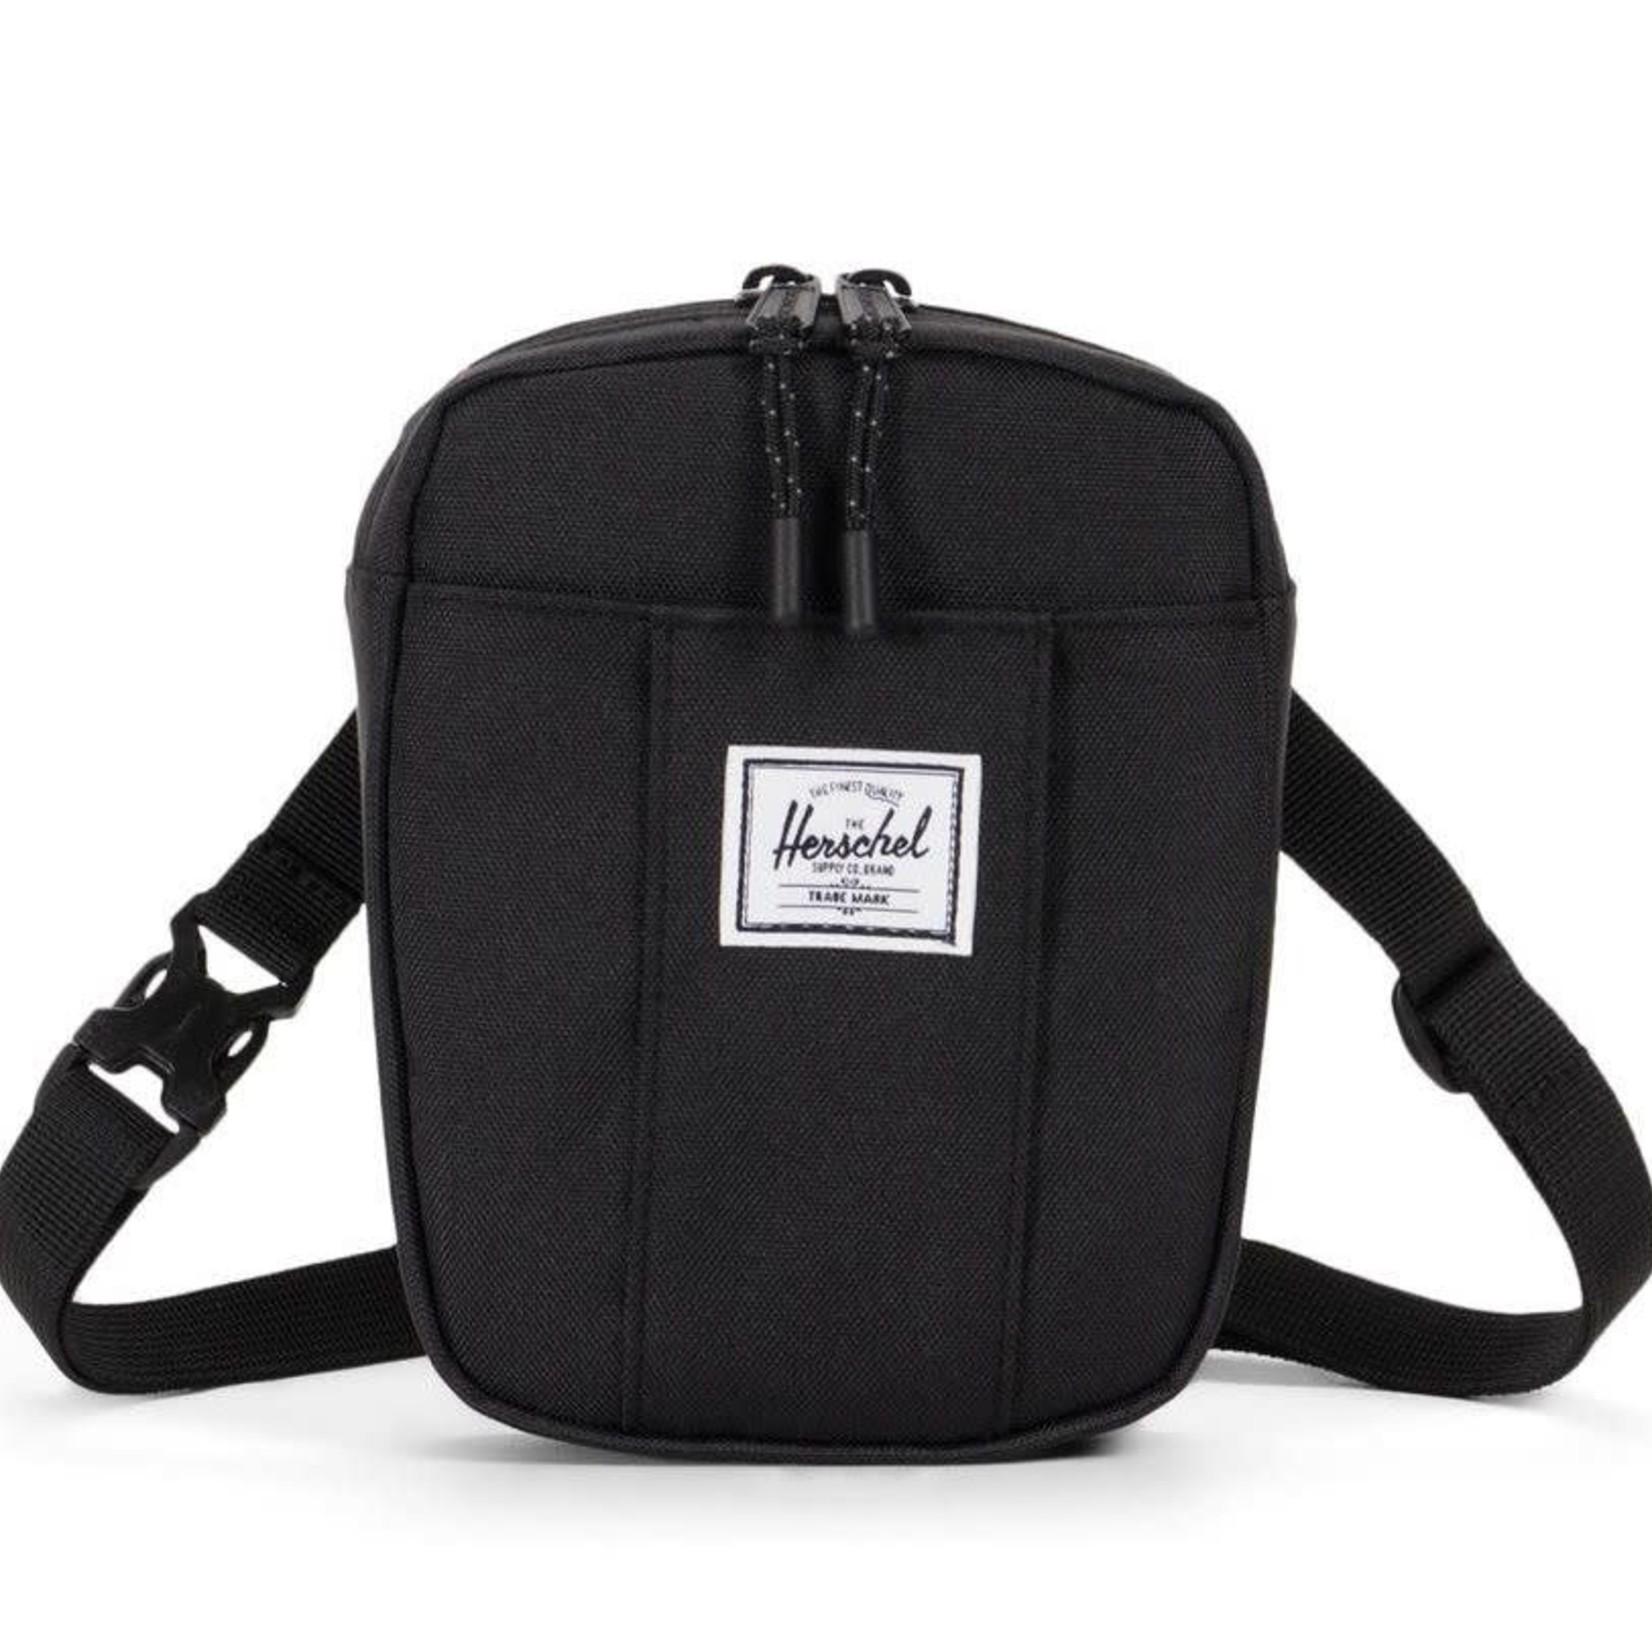 Herschel Herschel : Cruz 600D Poly Crossbody Bag Black O/S